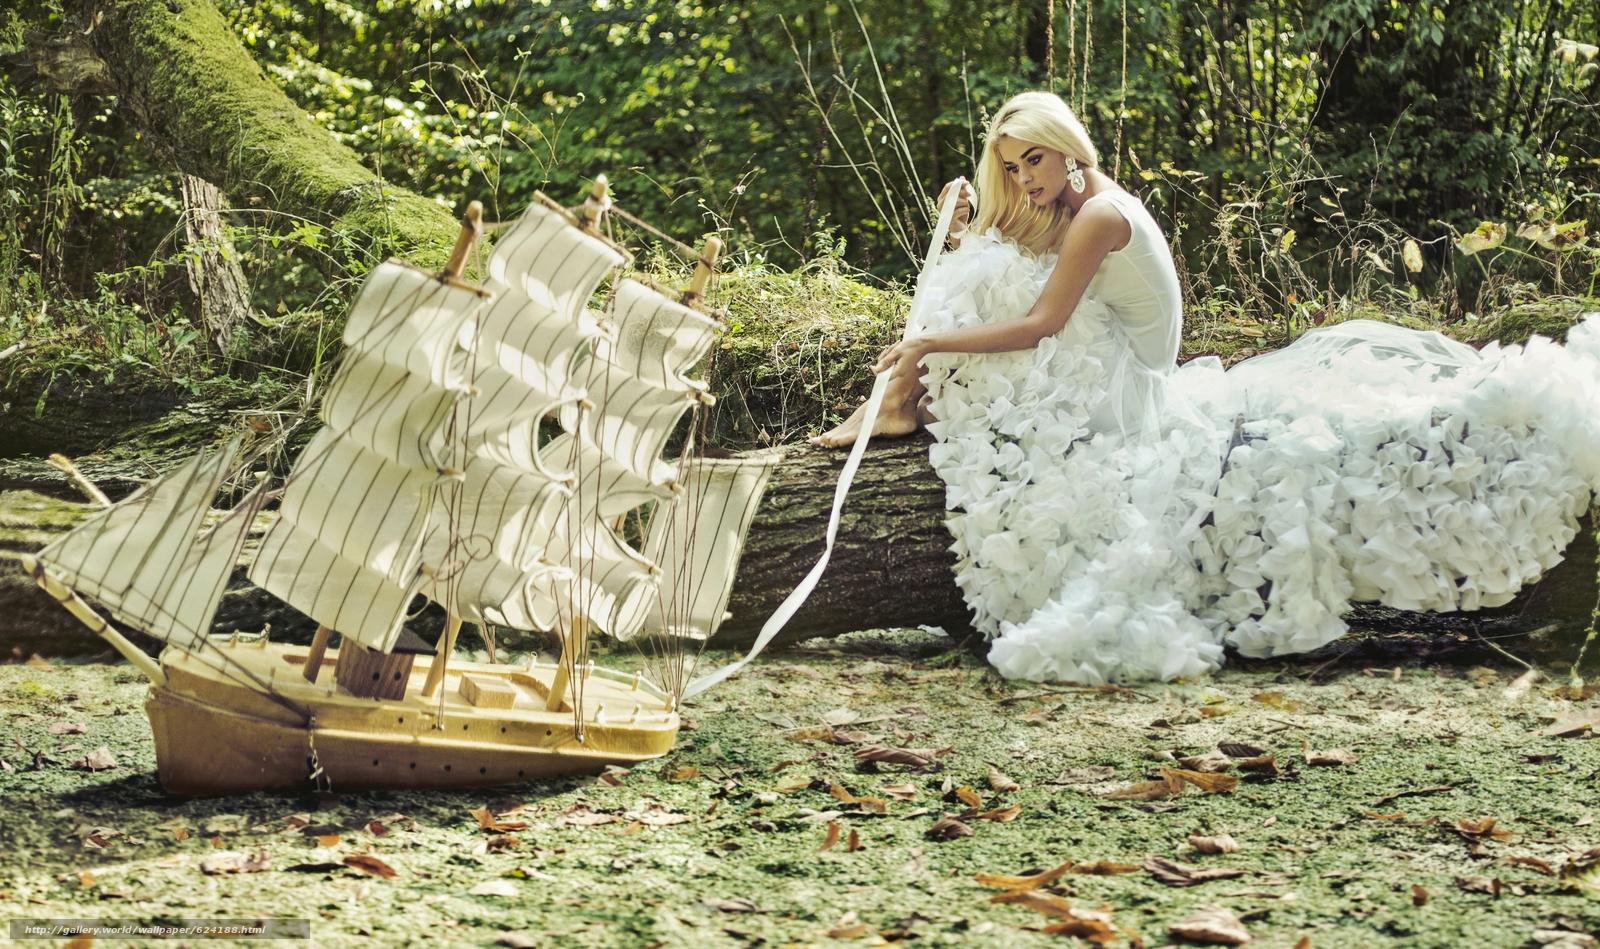 Скачать обои модель,  платье,  кораблик,  парусник бесплатно для рабочего стола в разрешении 4000x2372 — картинка №624188